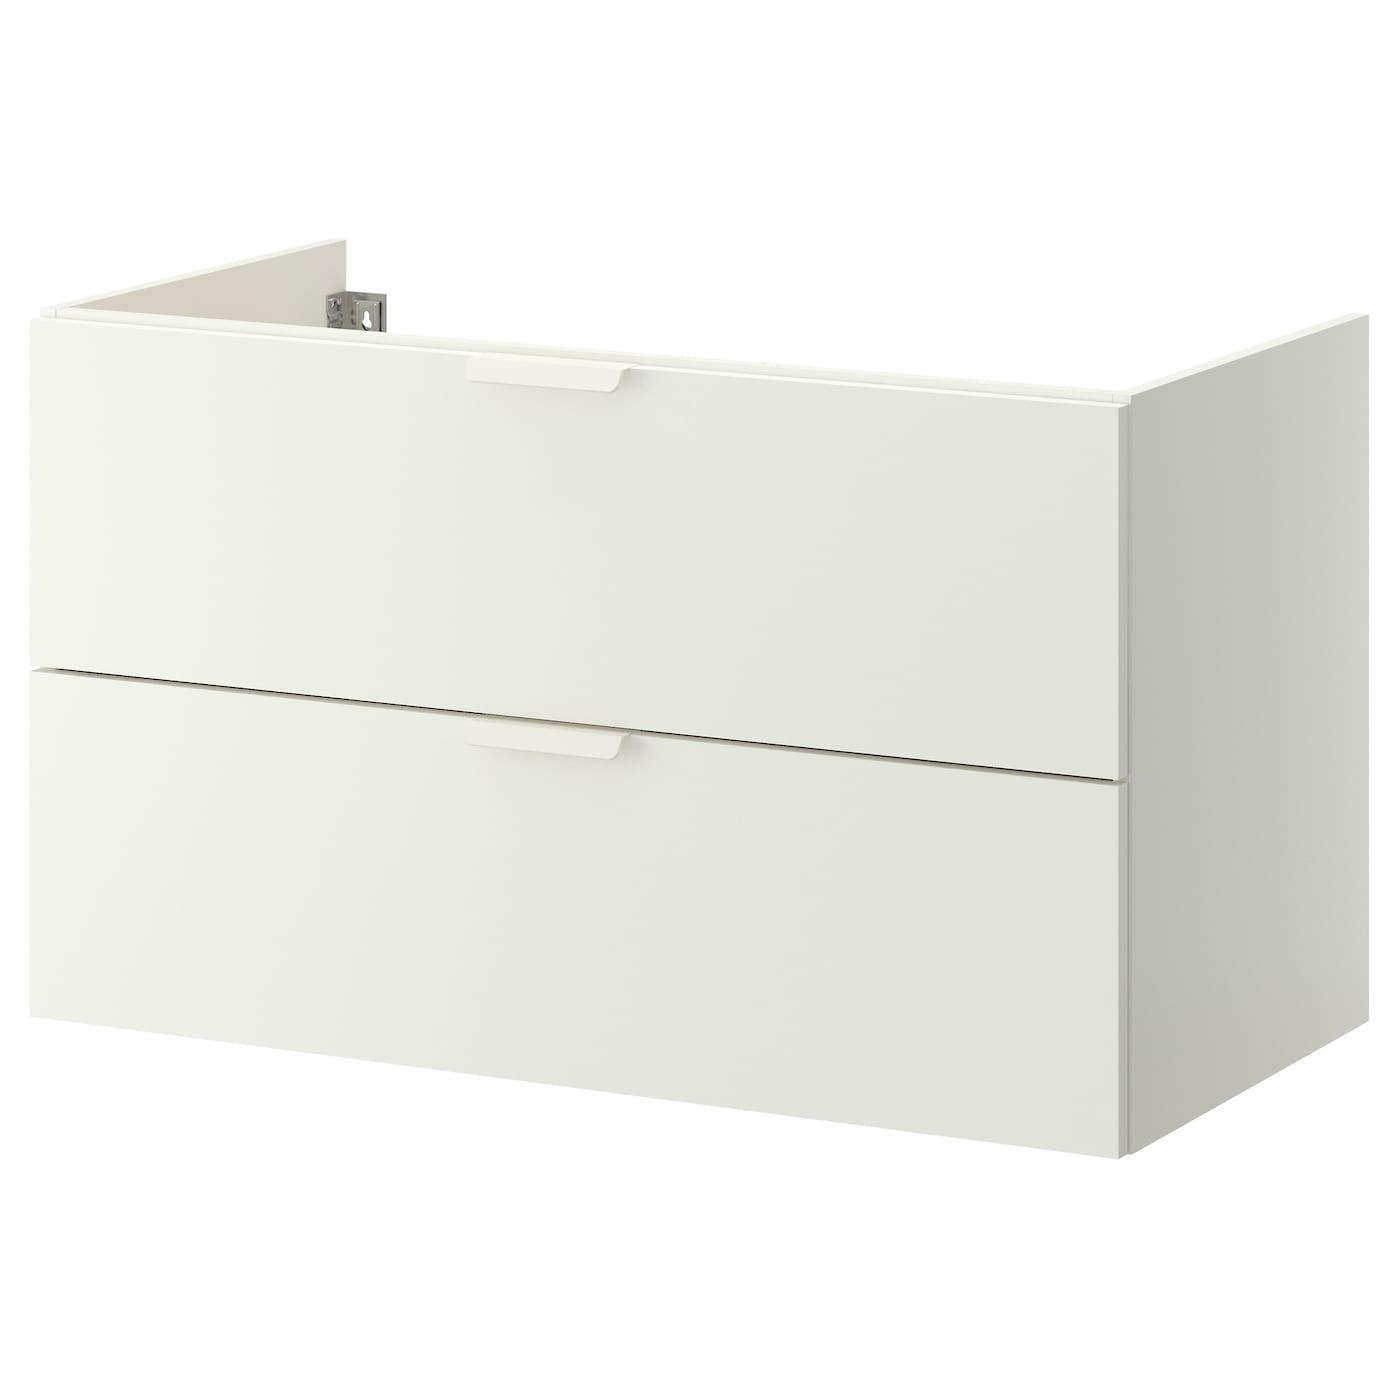 GODMORGON   Bad > Badmöbel > Waschbeckenunterschränke   Weiß   Abs   IKEA